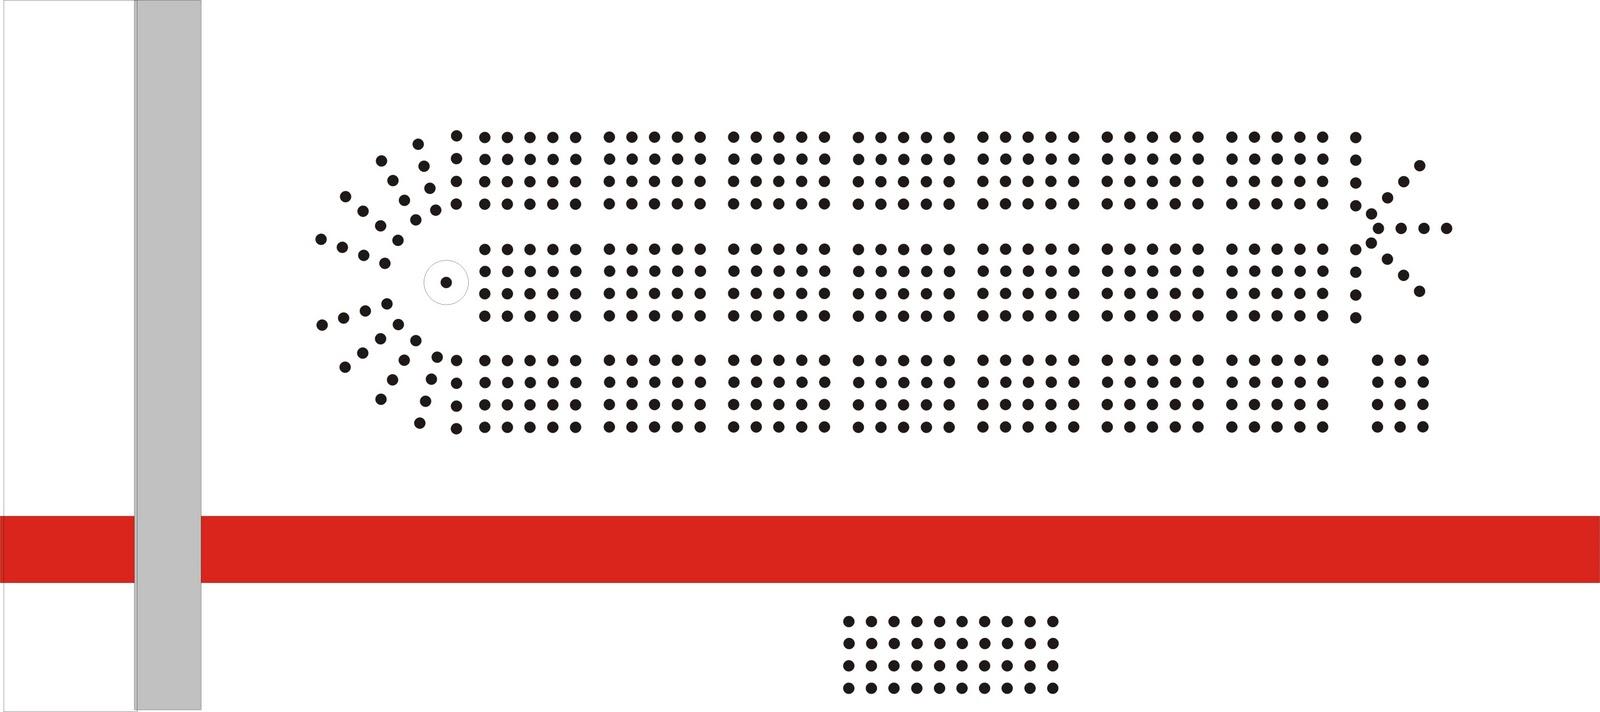 Berühmt Cribbage Boards Vorlagen Ideen - Beispielzusammenfassung ...